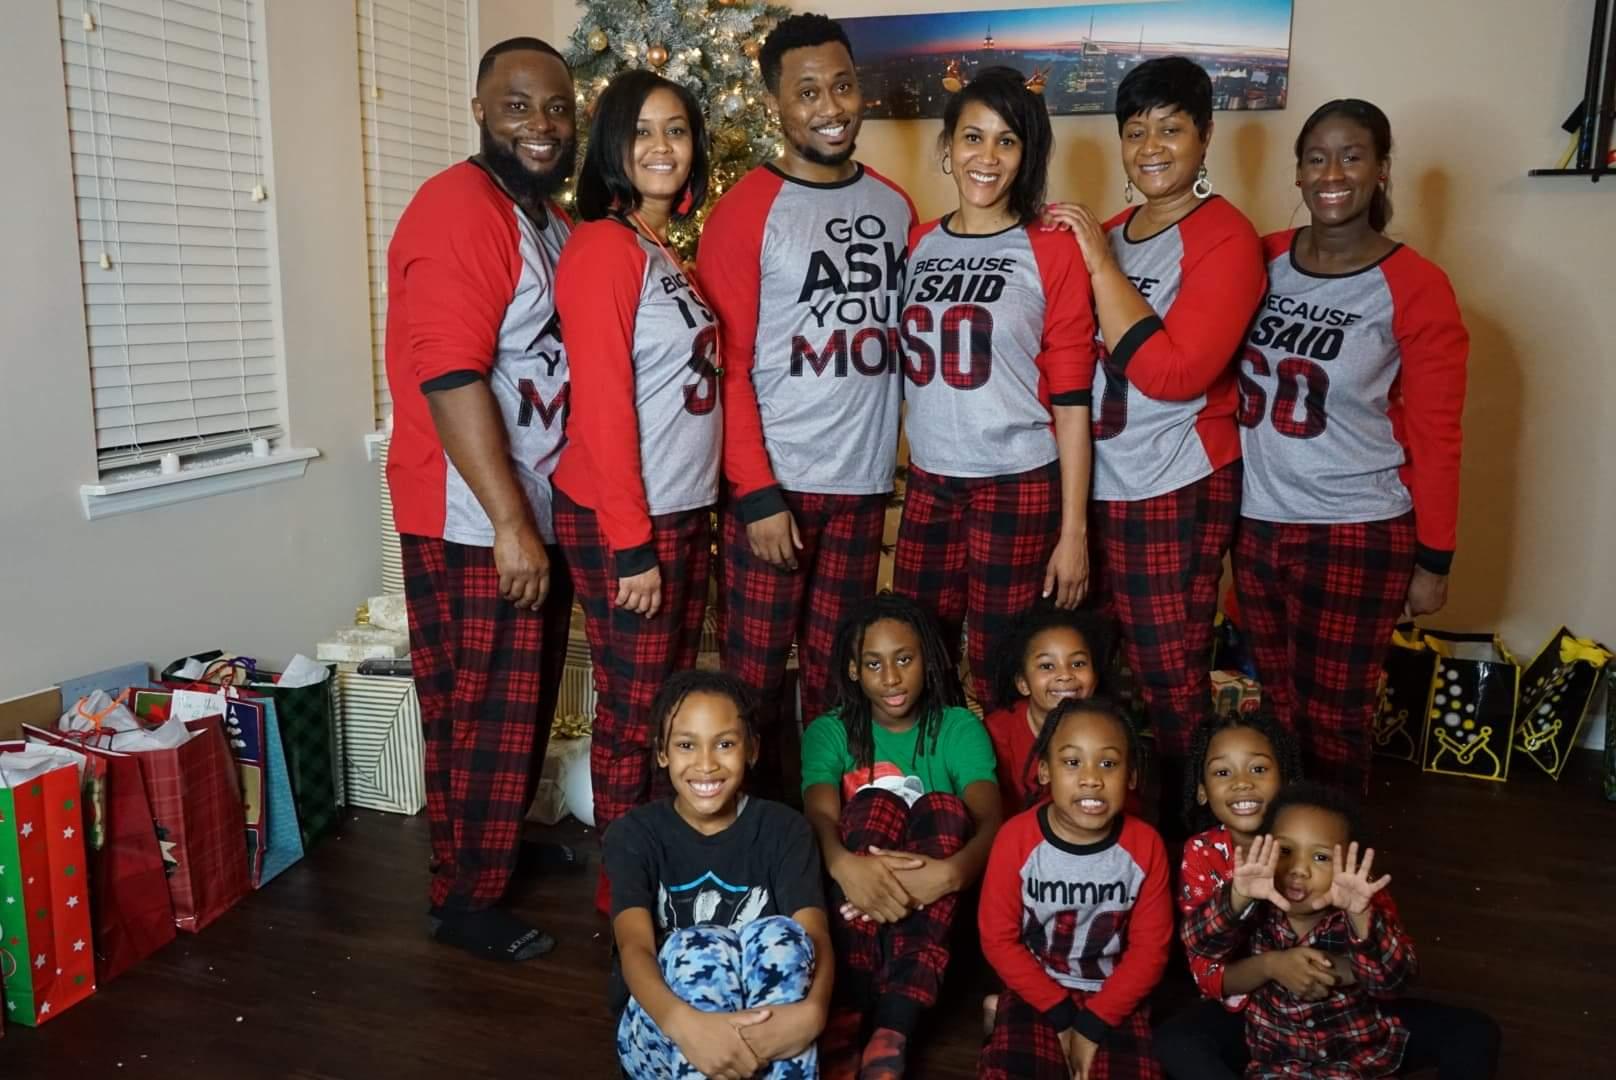 Christina Hall and her family around the Christmas tree